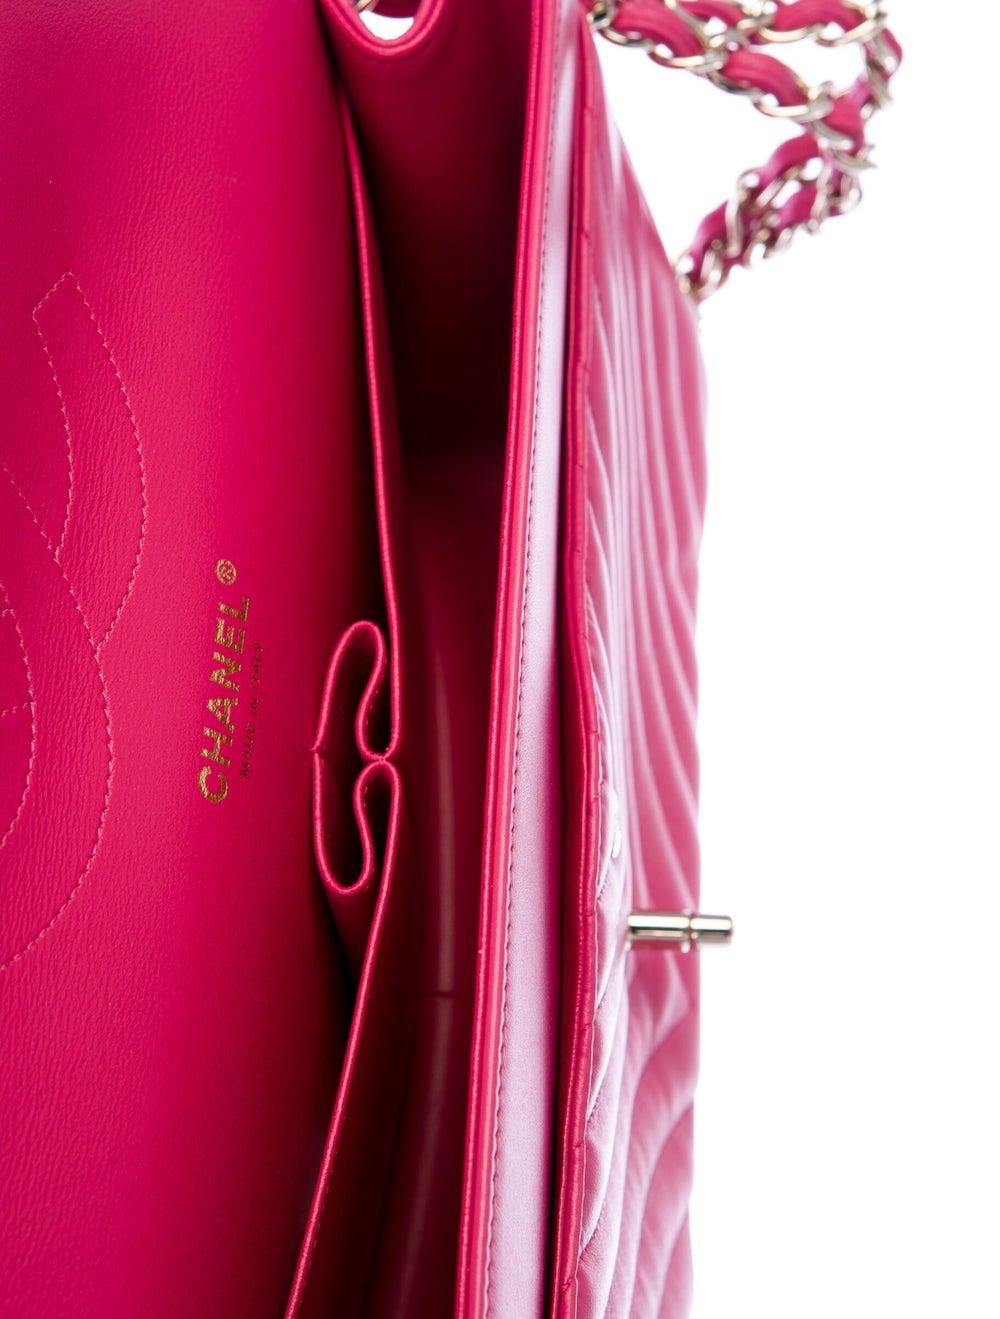 Chanel Jumbo Chevron Double Flap Bag Pink - image 5